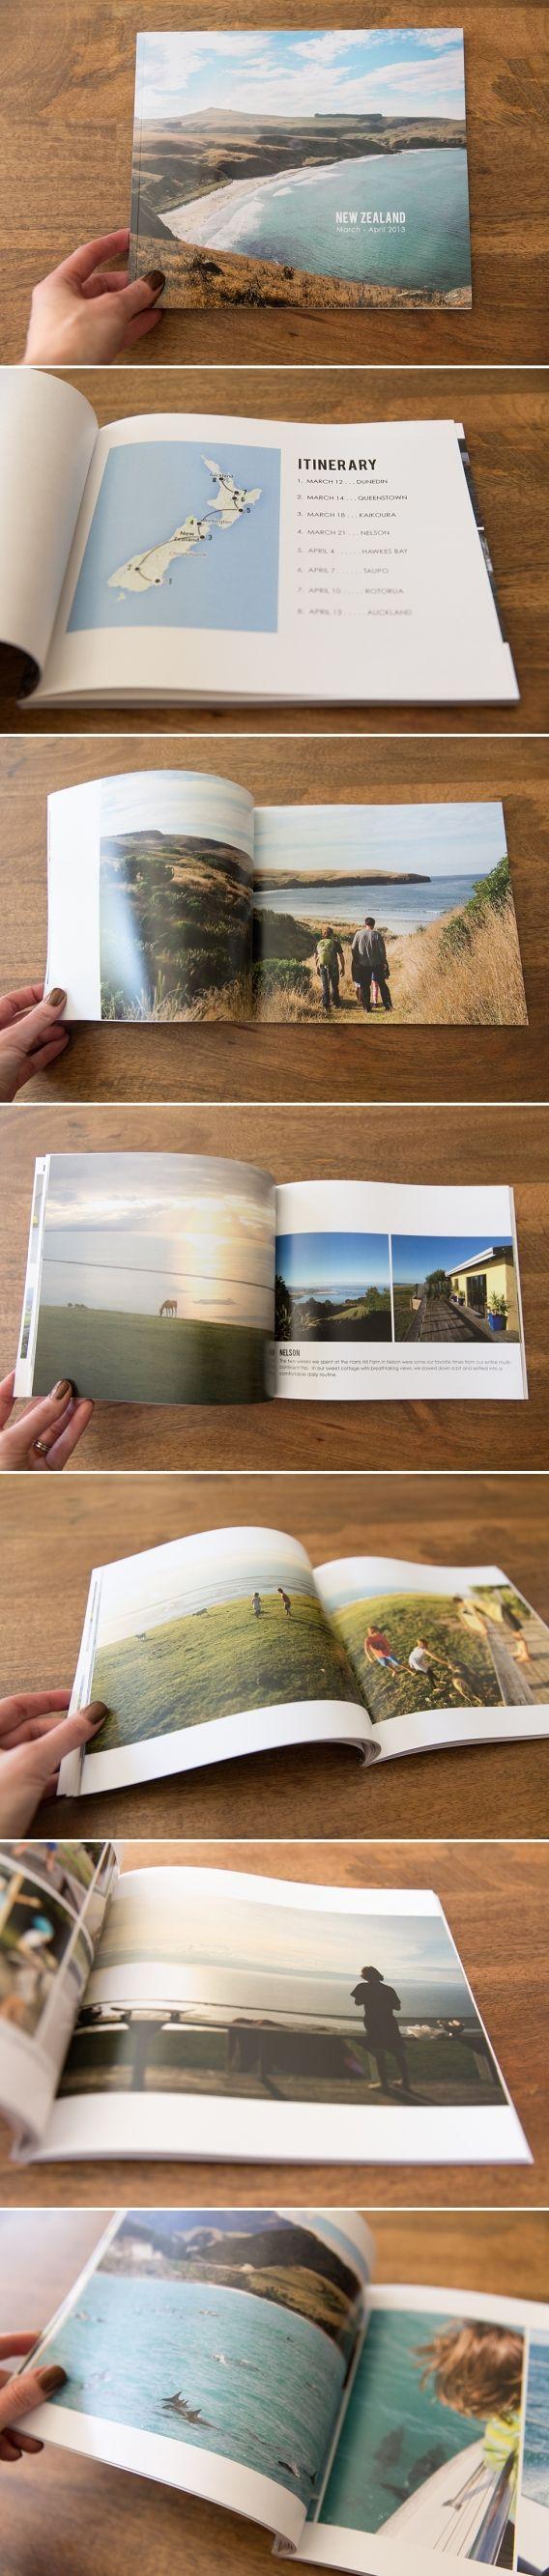 Travel Photo Book with Itinerary Map | SuzanneOBrienStudio.com